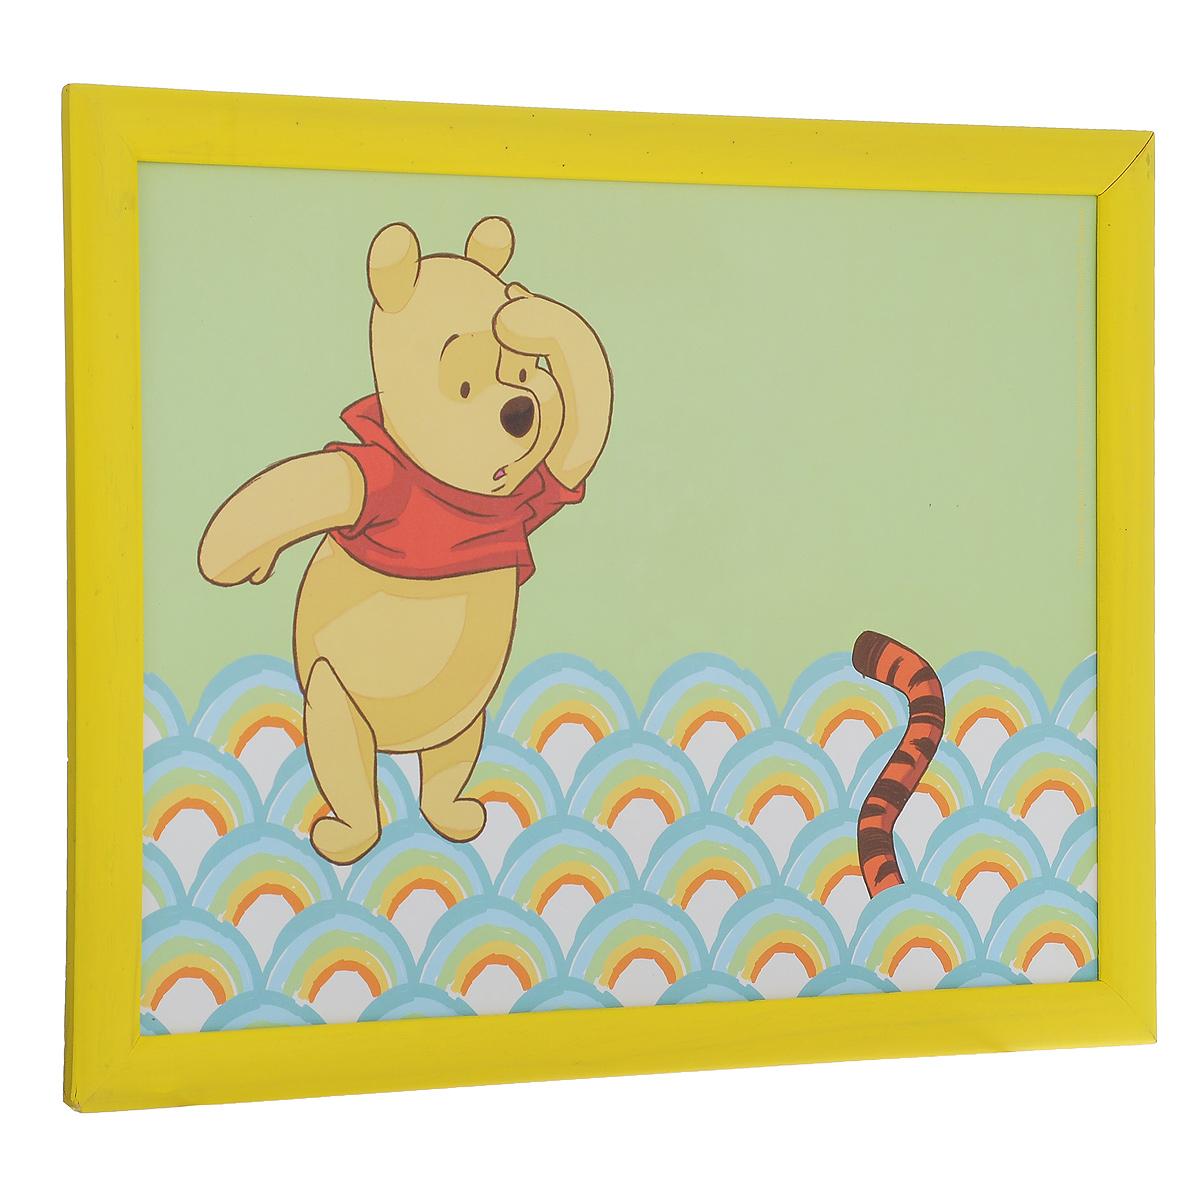 Столик-поднос Disney Винни и его друзья, с подушкой, цвет: салатовый, желтый, 44 см х 34 см х 8 см61240Столик-поднос Disney Винни и его друзья удобен для приема пищи и работы с ноутбуком. Столик изготовлен из высококачественного полипропилена в деревянной рамке. Изделие имеет мягкое основание в виде подушки, изготовленной из полиэстера и хлопка. Основание наполнено крупными шариками пенопласта. Столик- поднос декорирован изображением Винни-Пуха. Подушка столика принимает форму поверхности и его удобно ставить на колени или диван.